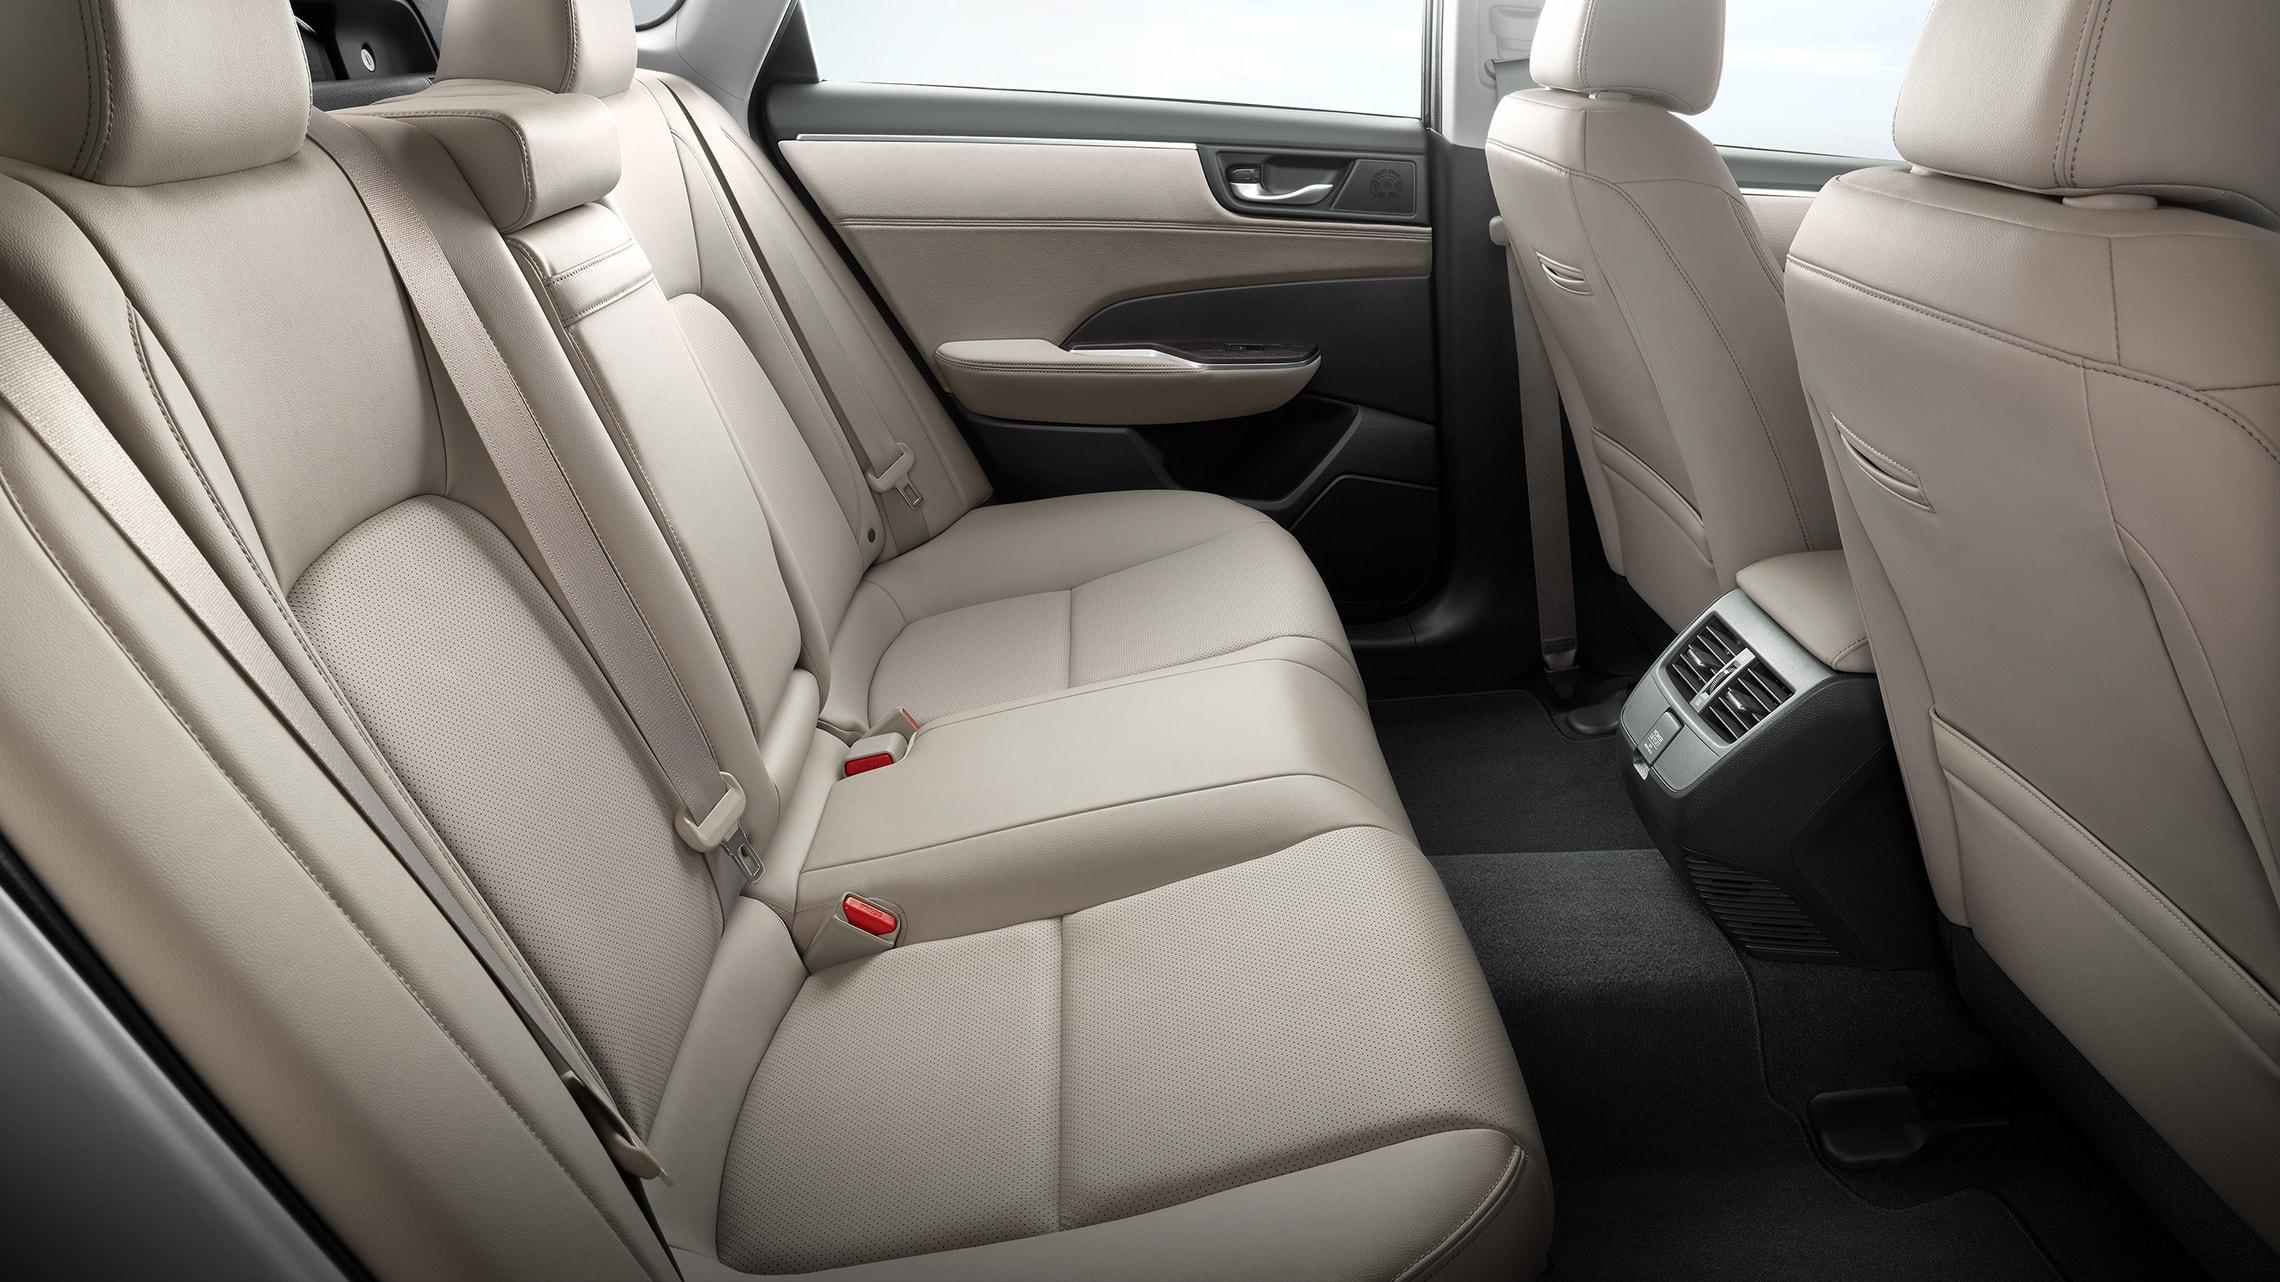 Asientos traseros del Clarity Plug-In Hybrid2021 con interior con detalles de Beige Leather.